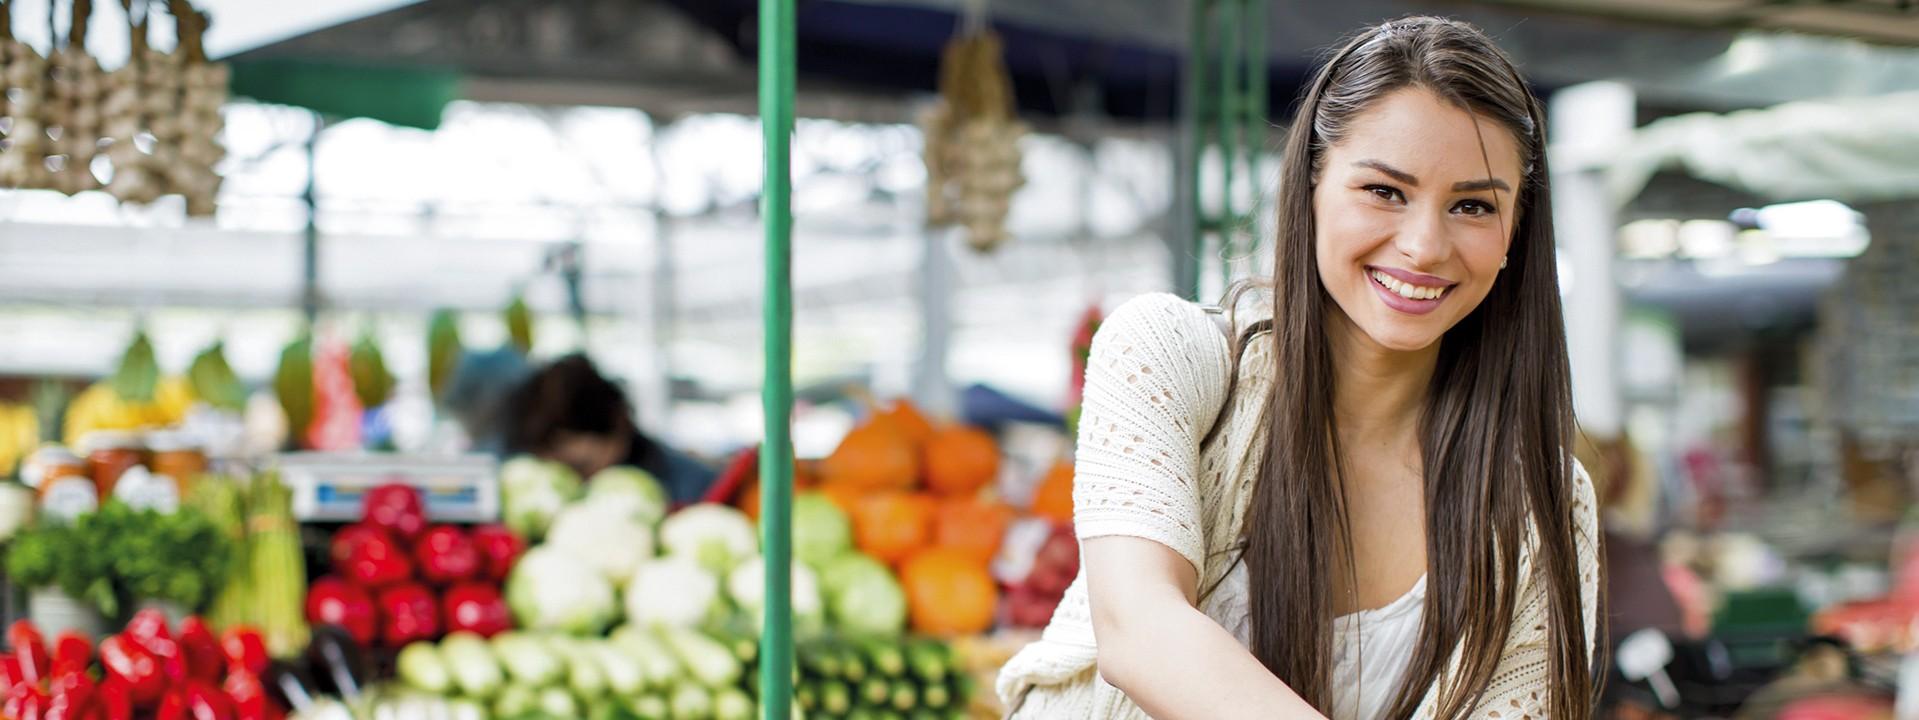 Eine junge brünette Frau kauft auf einem Markt Gemüse ein und lächelt.